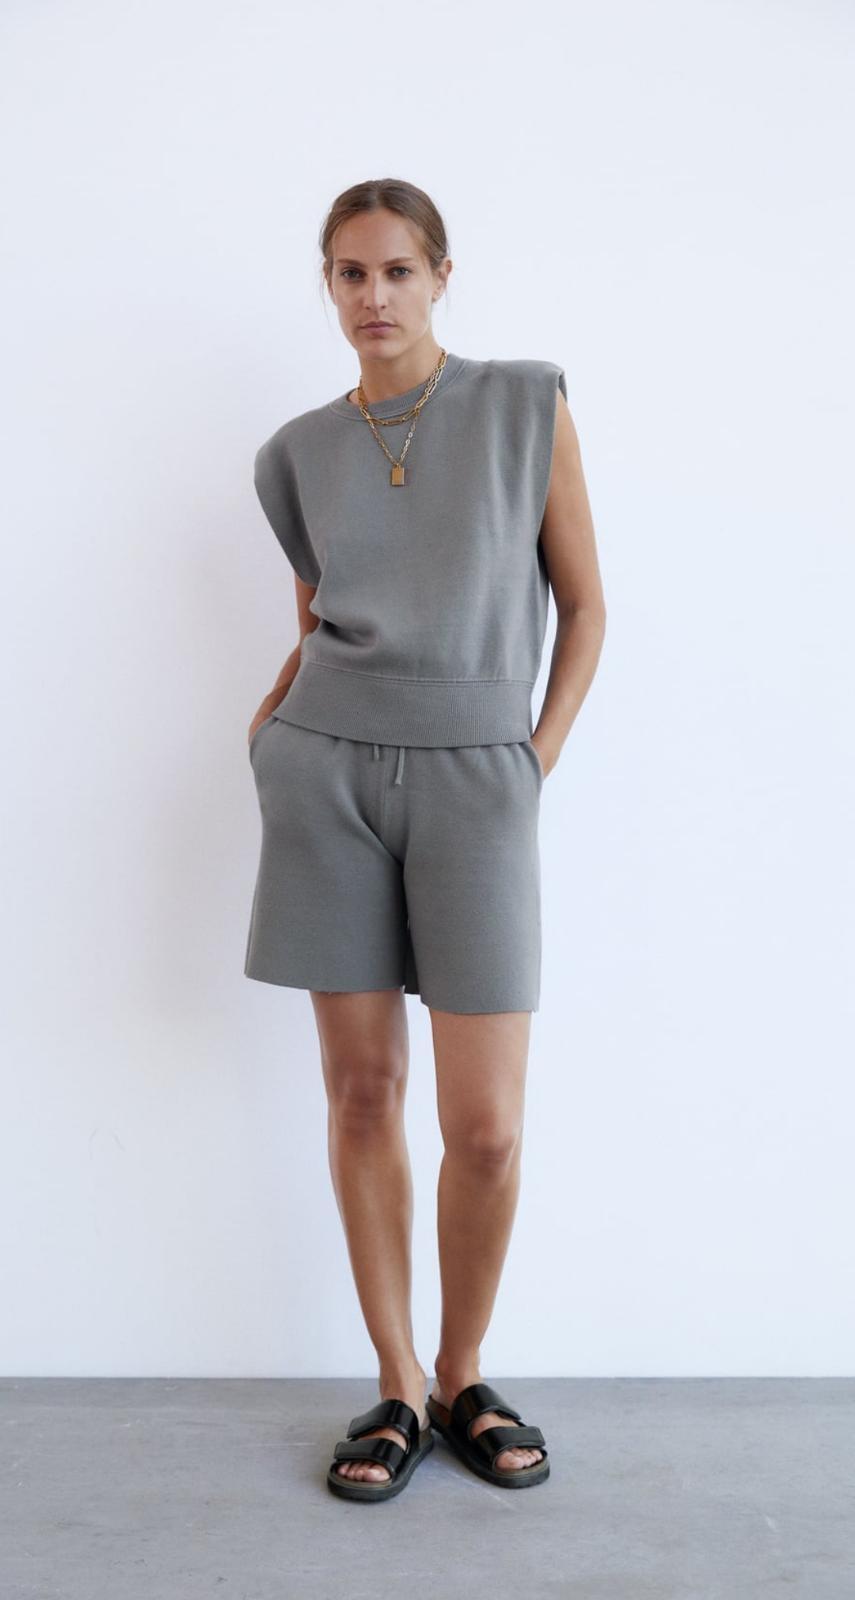 Bermuda y top de punto en color gris vigoré de Zara